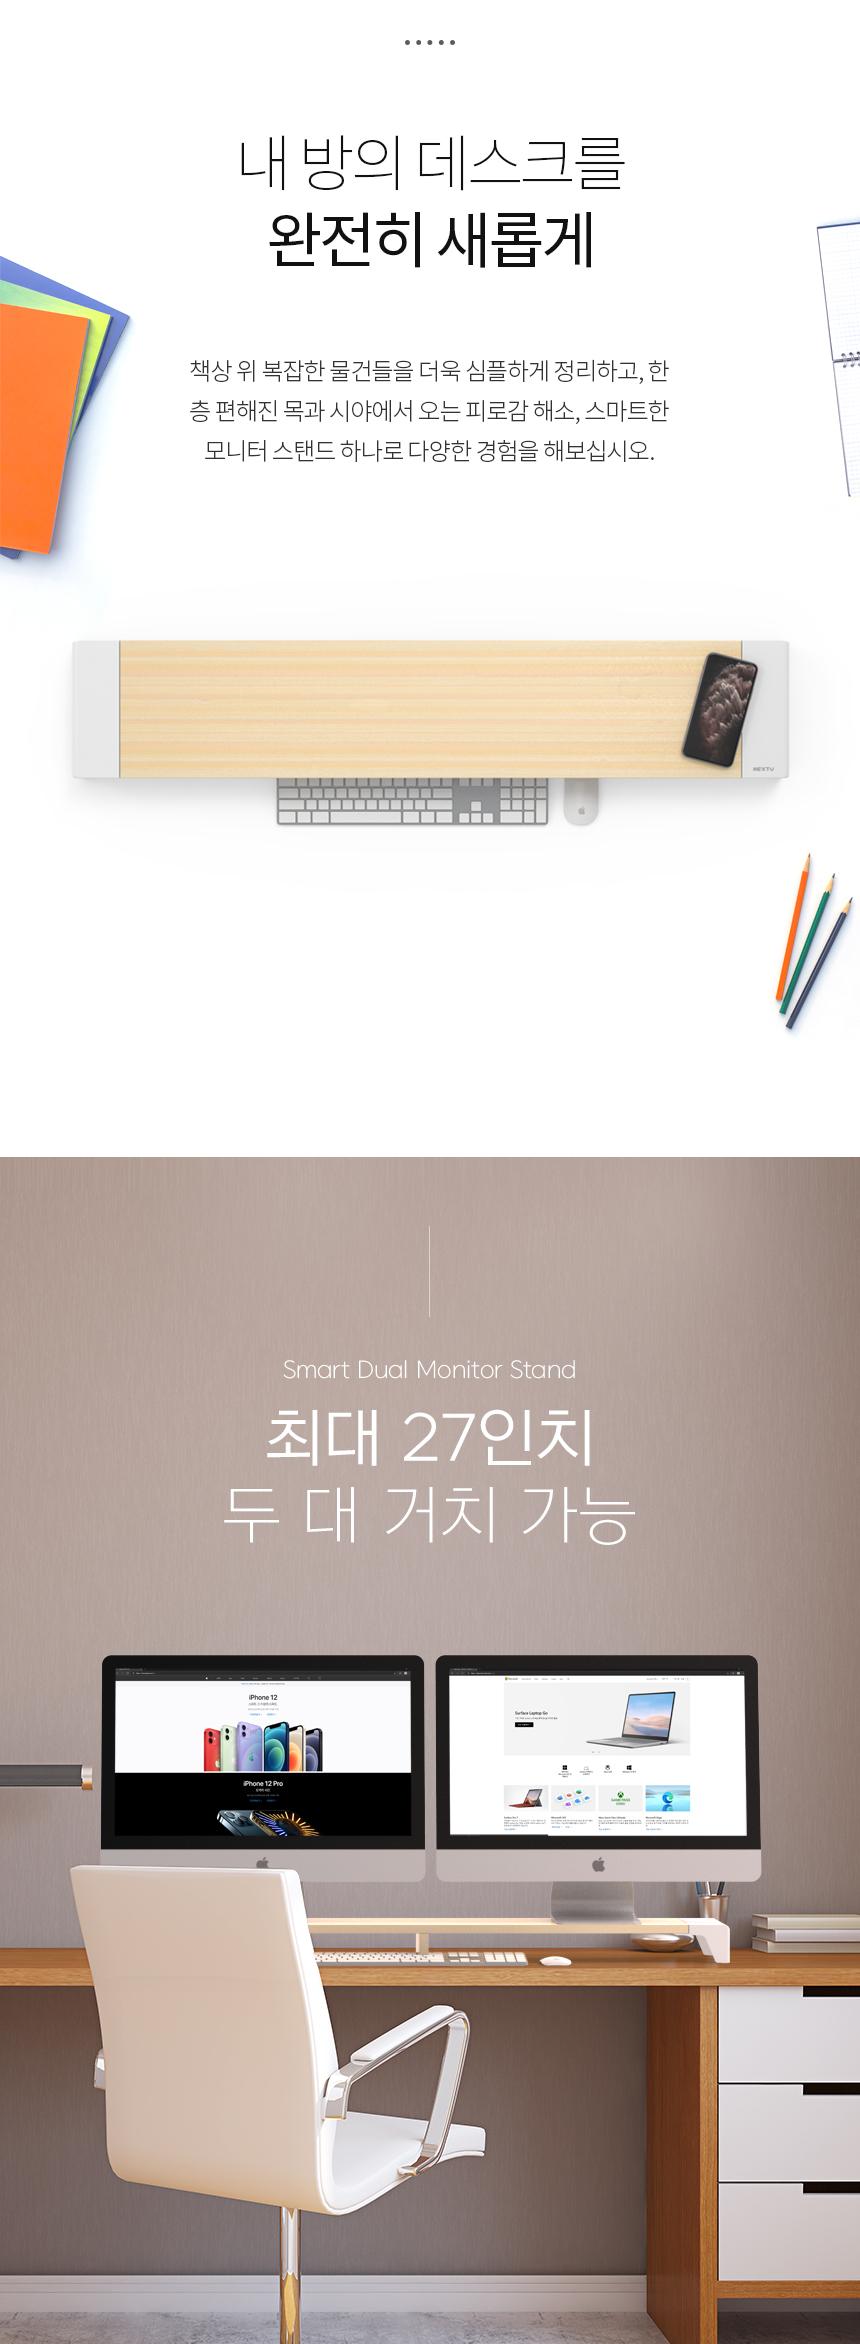 이지넷유비쿼터스 넥스트 NEXT-MS1309N-DUAL 모니터받침대